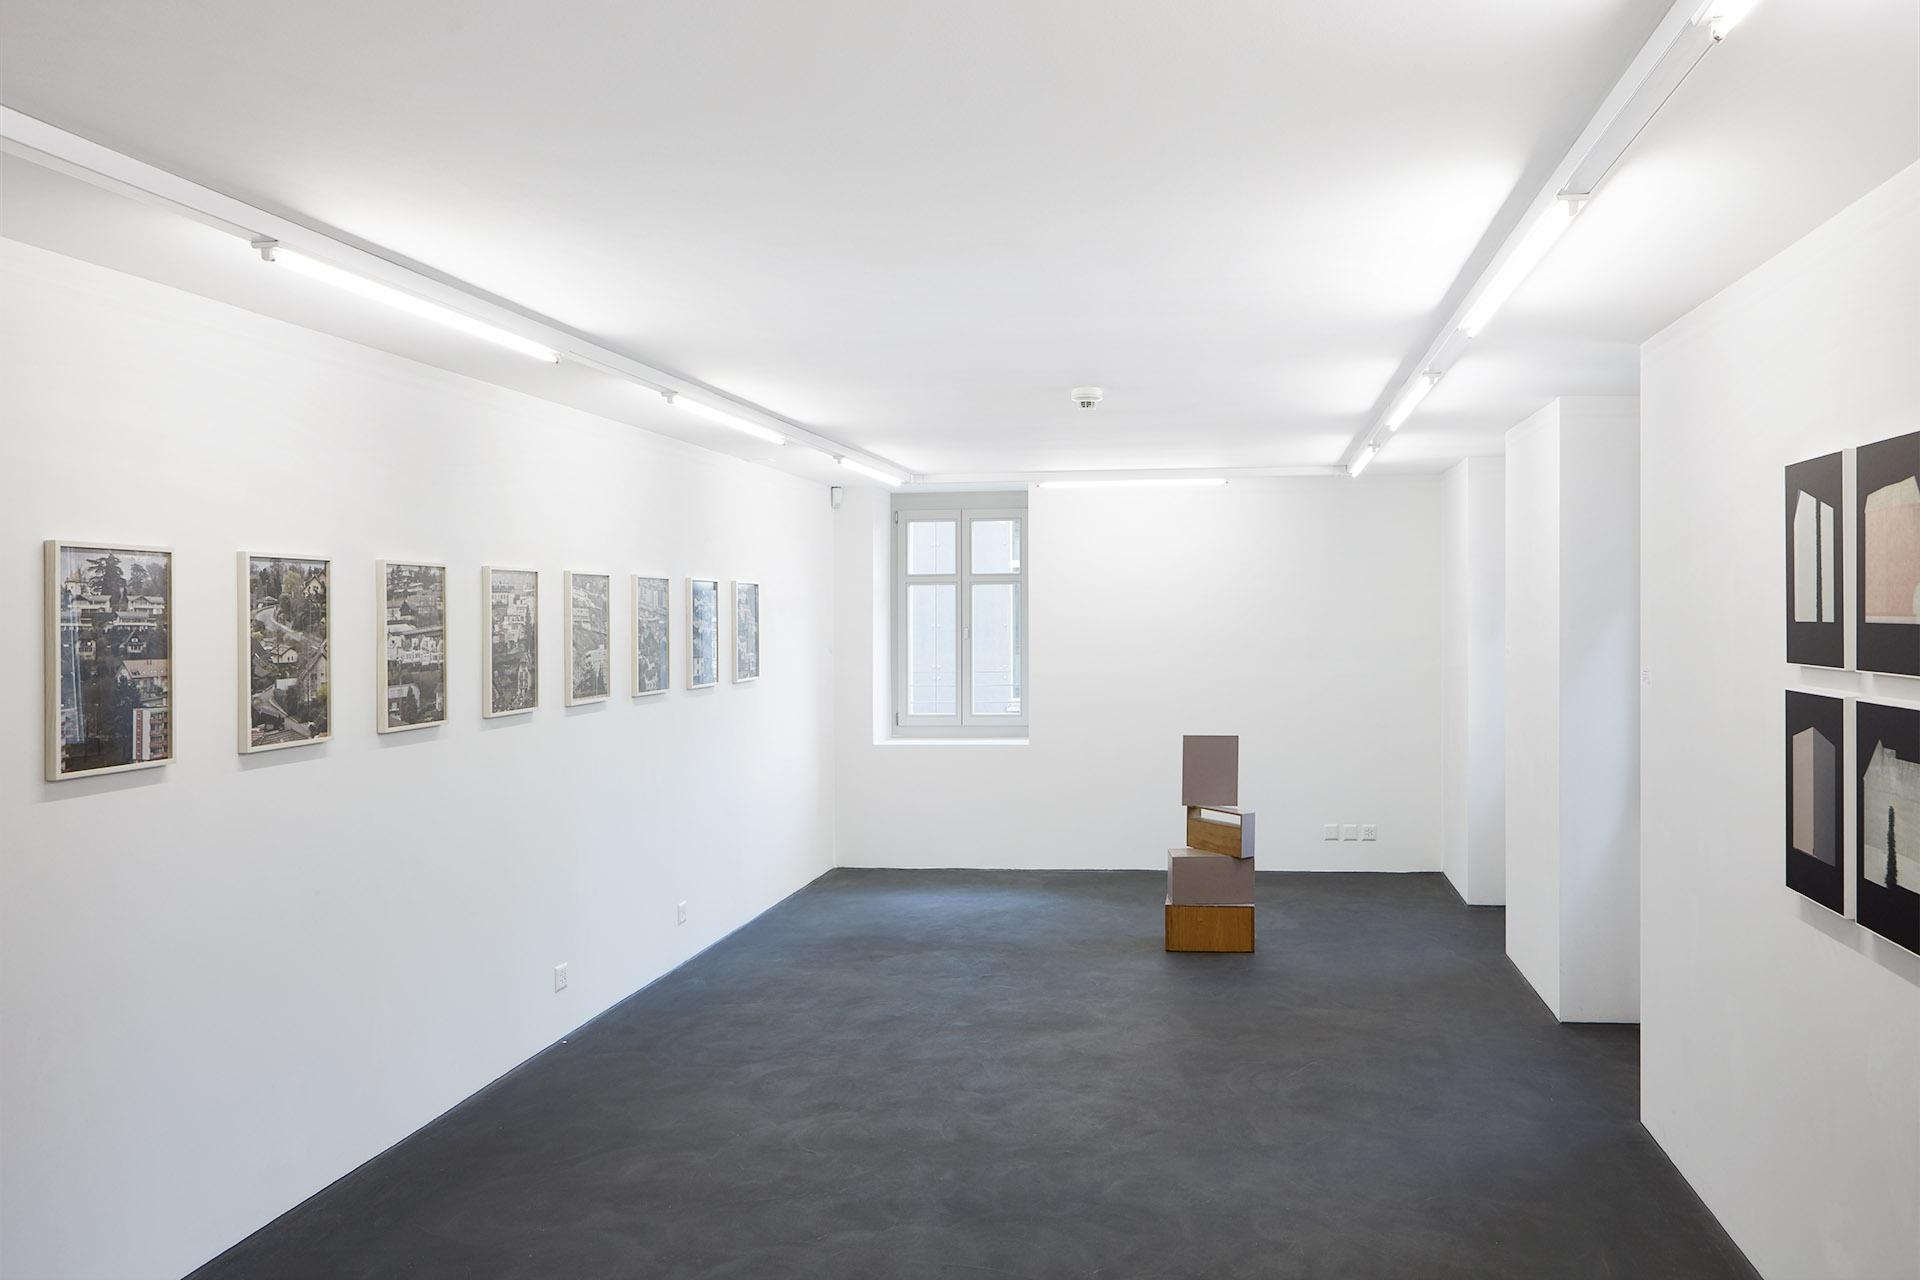 Auszug aus der Serie Raumordnung| Kunsthaus Interlaken| Cantonale Berne Jura | 2016